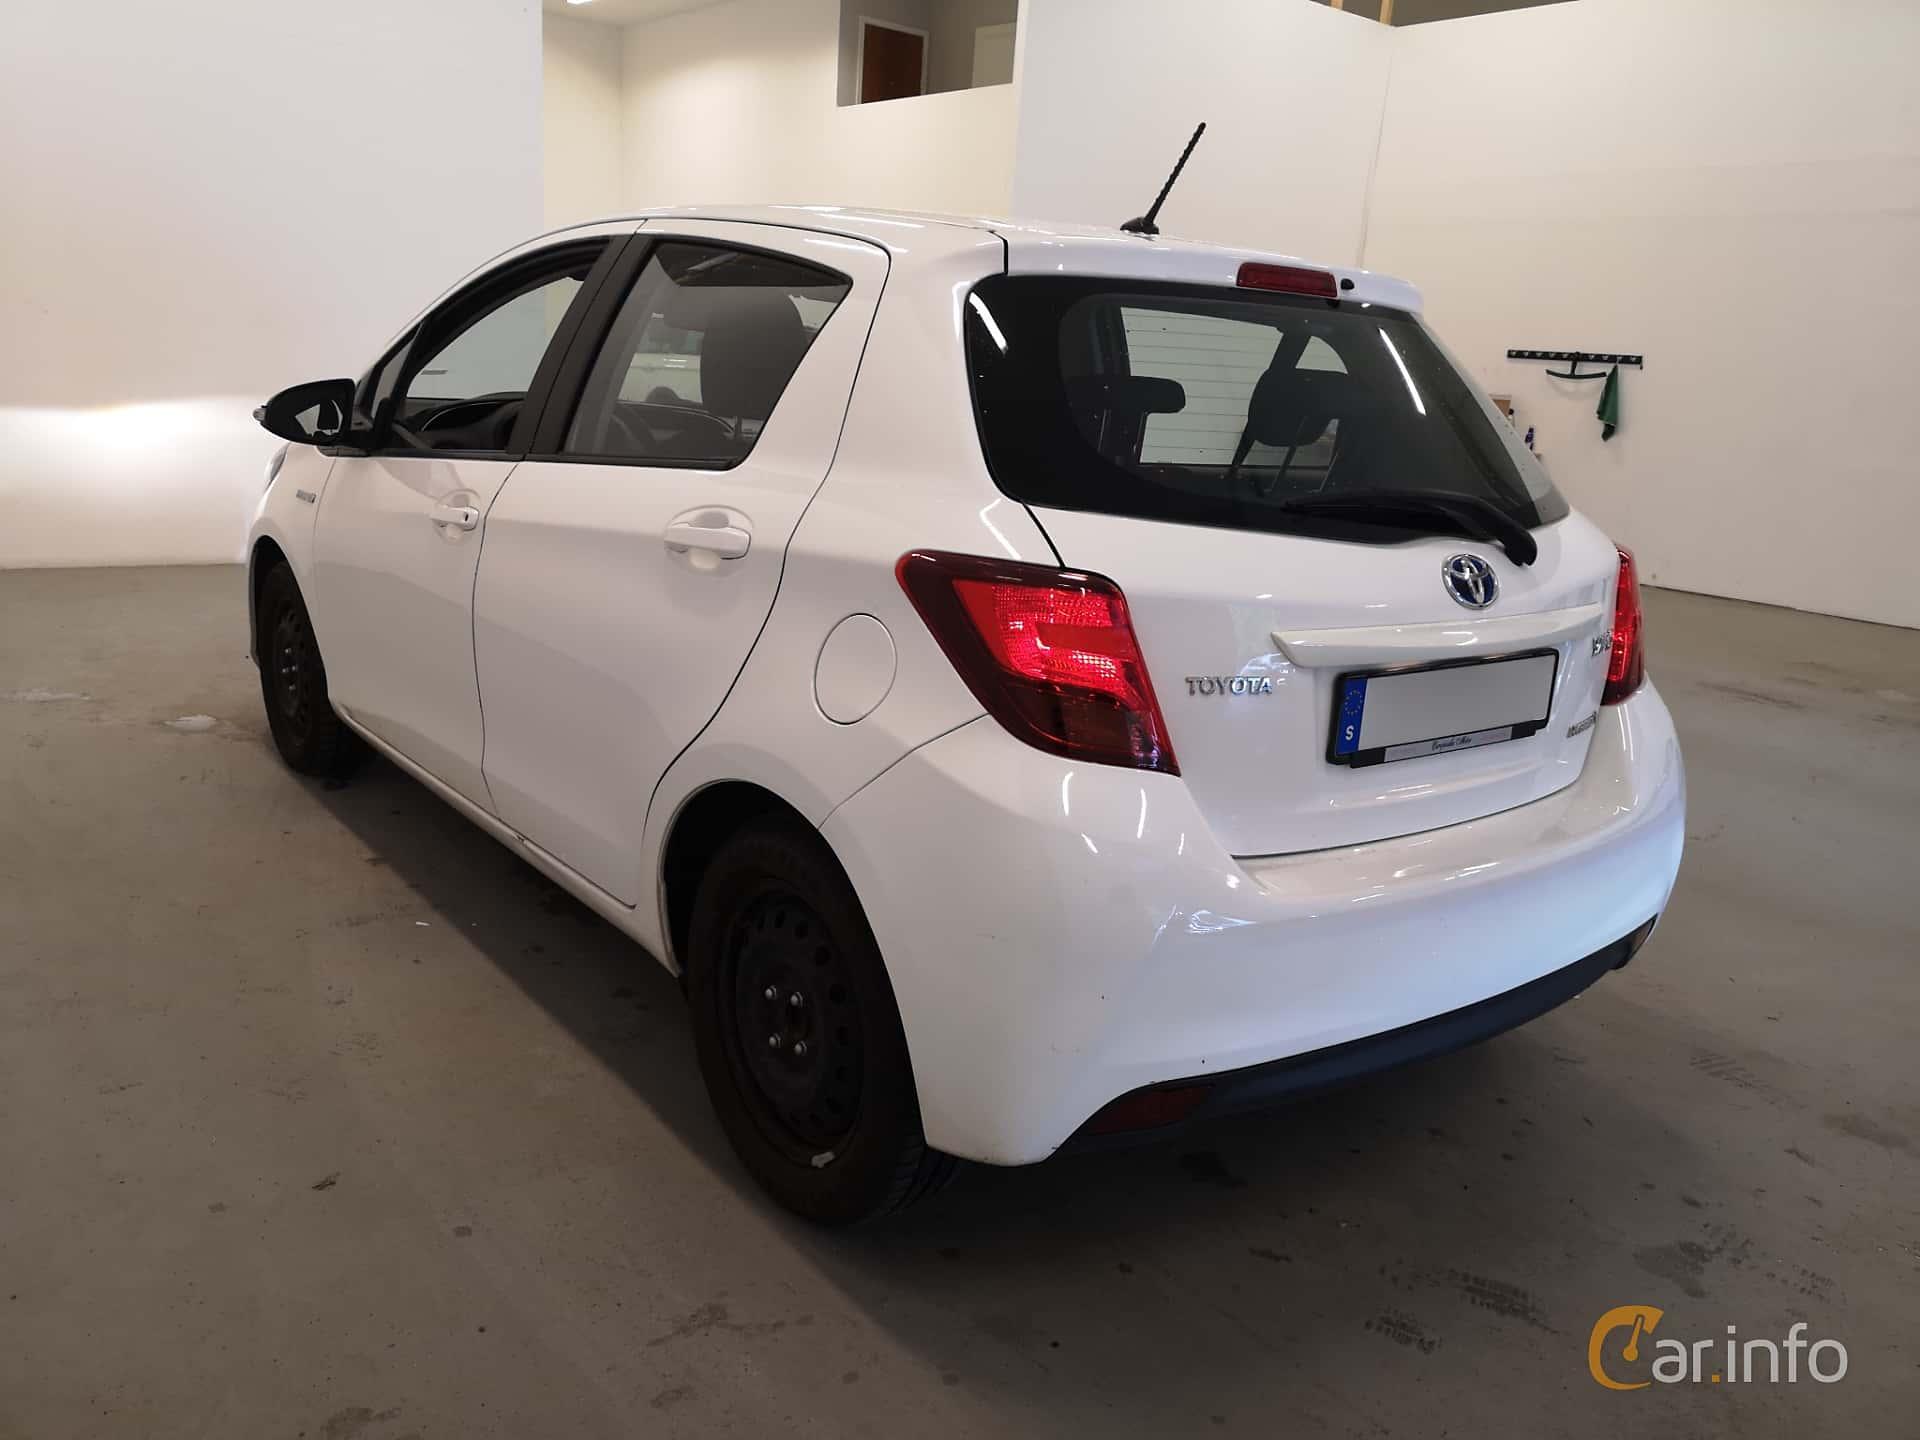 Toyota Yaris Hybrid 1.5 VVT-i CVT, 101hp, 2016